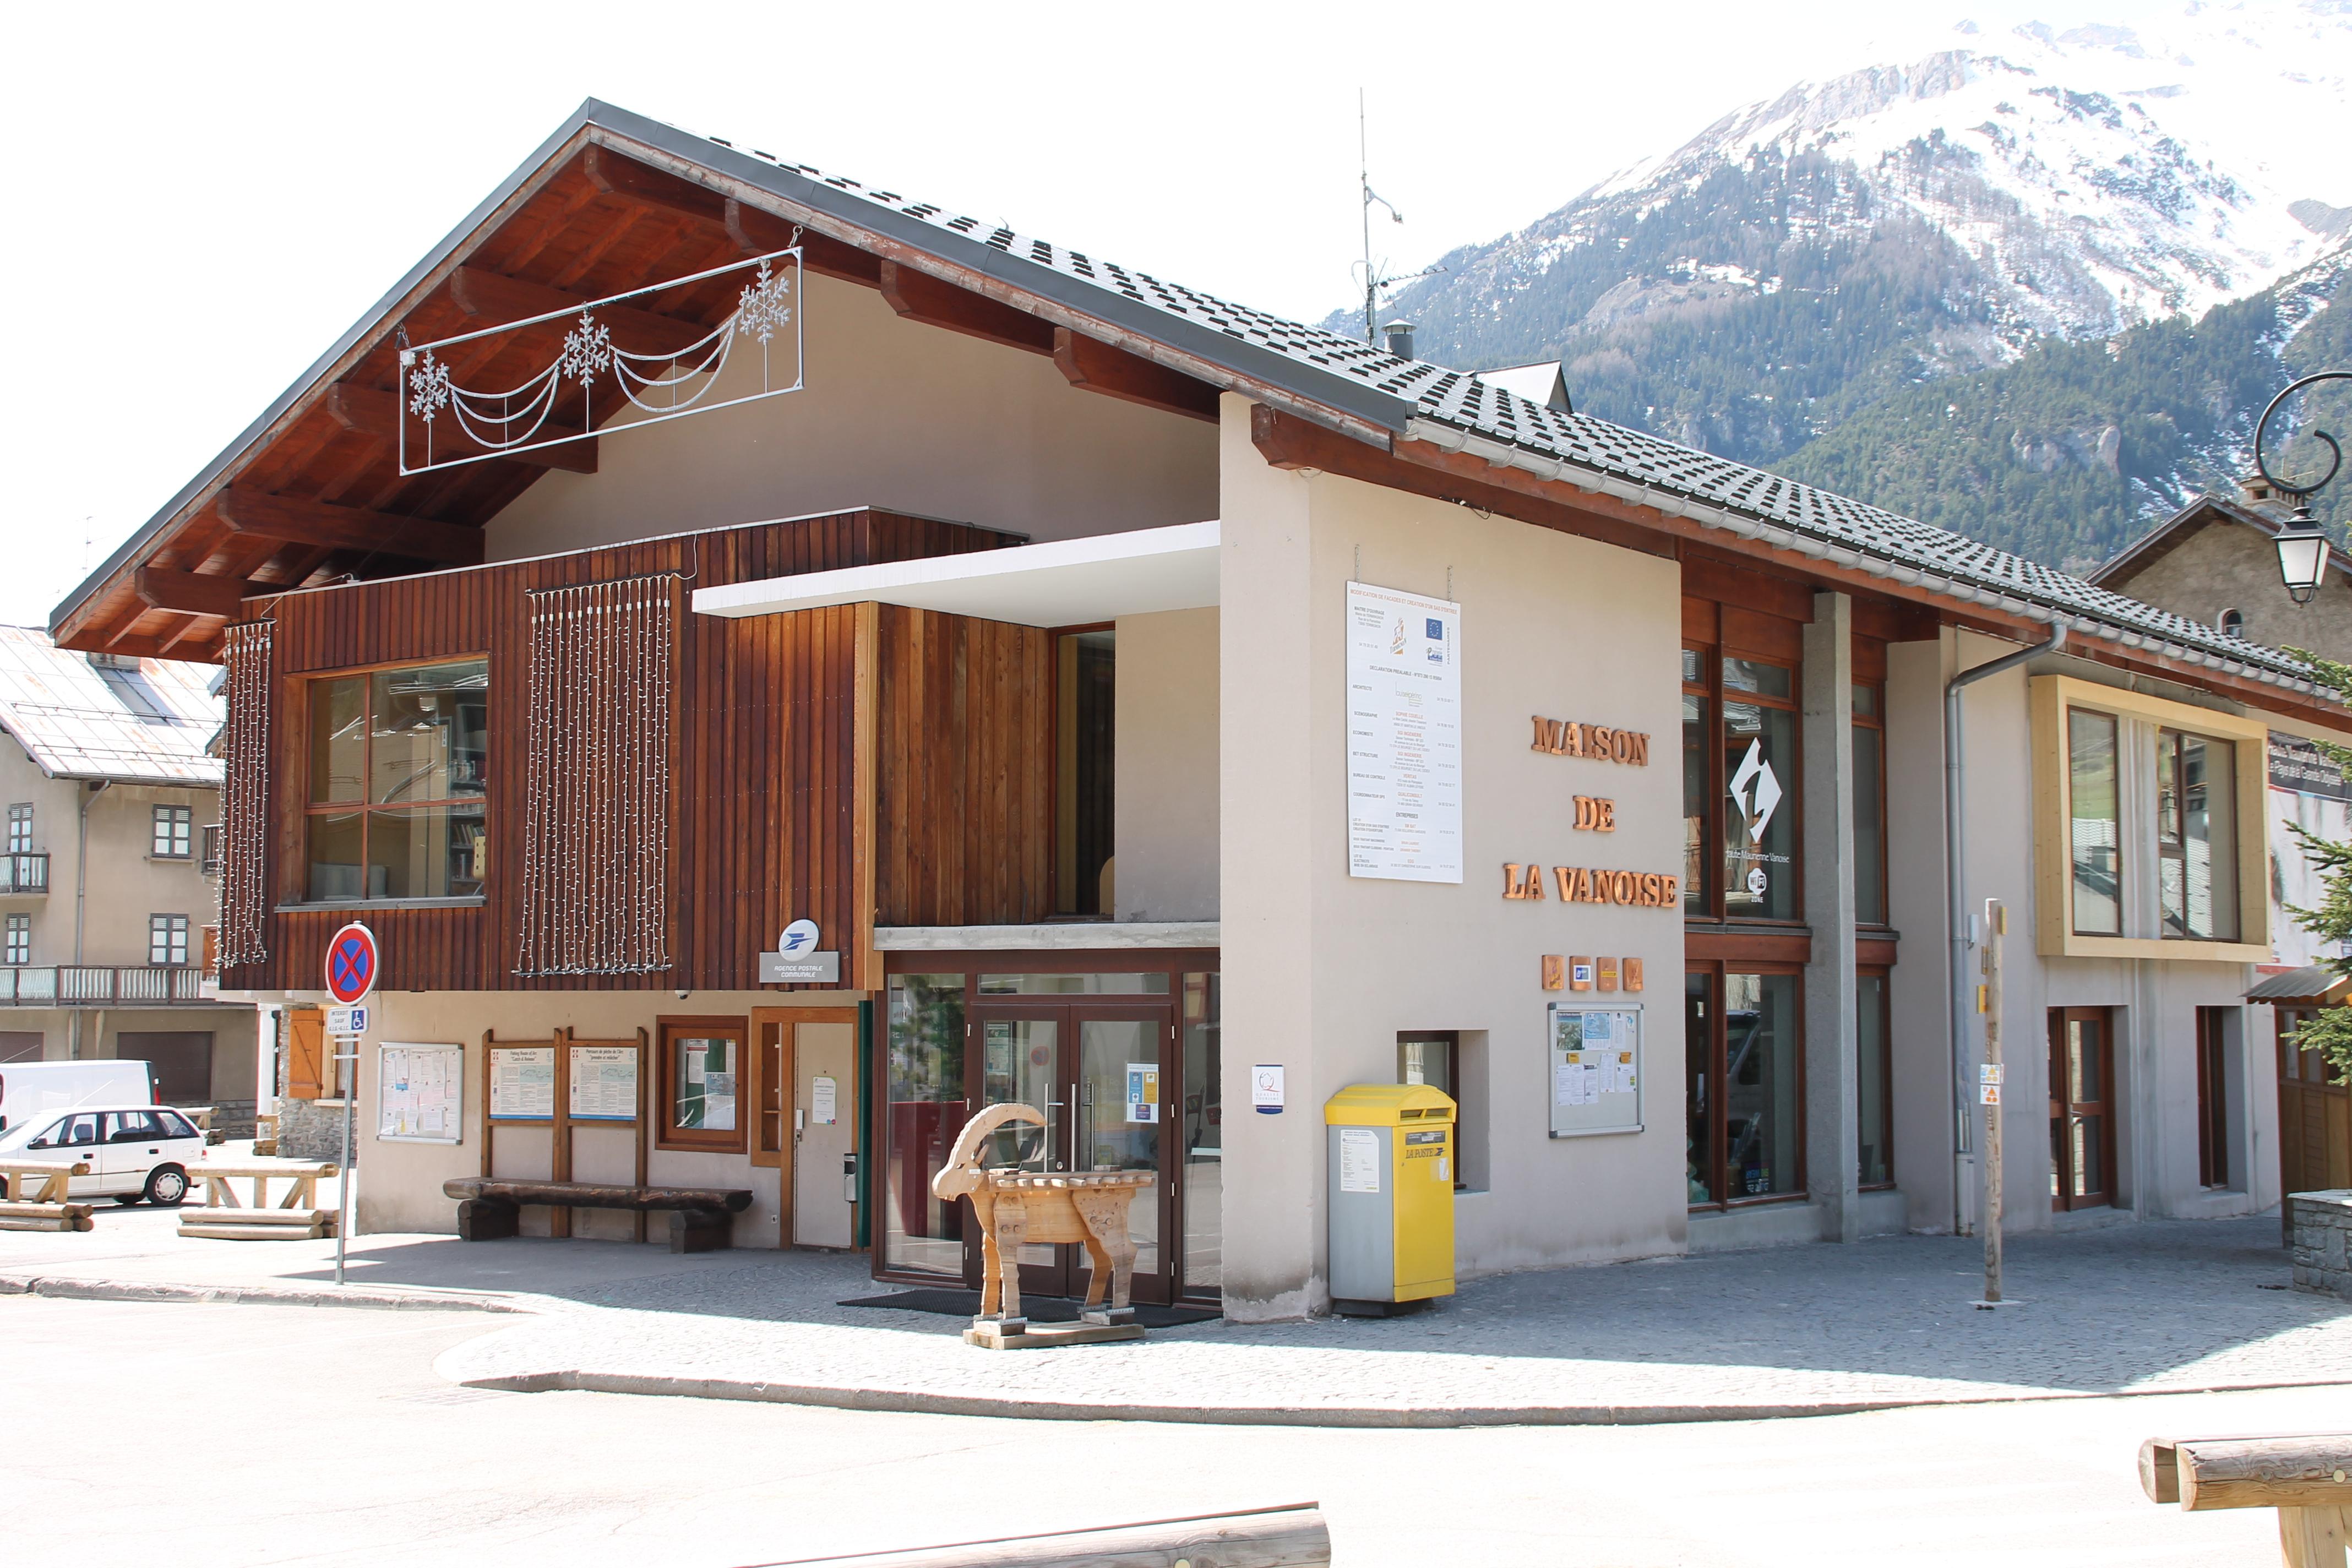 Office de tourisme bureau de val cenis termignon savoie mont blanc savoie et haute savoie - Termignon office du tourisme ...